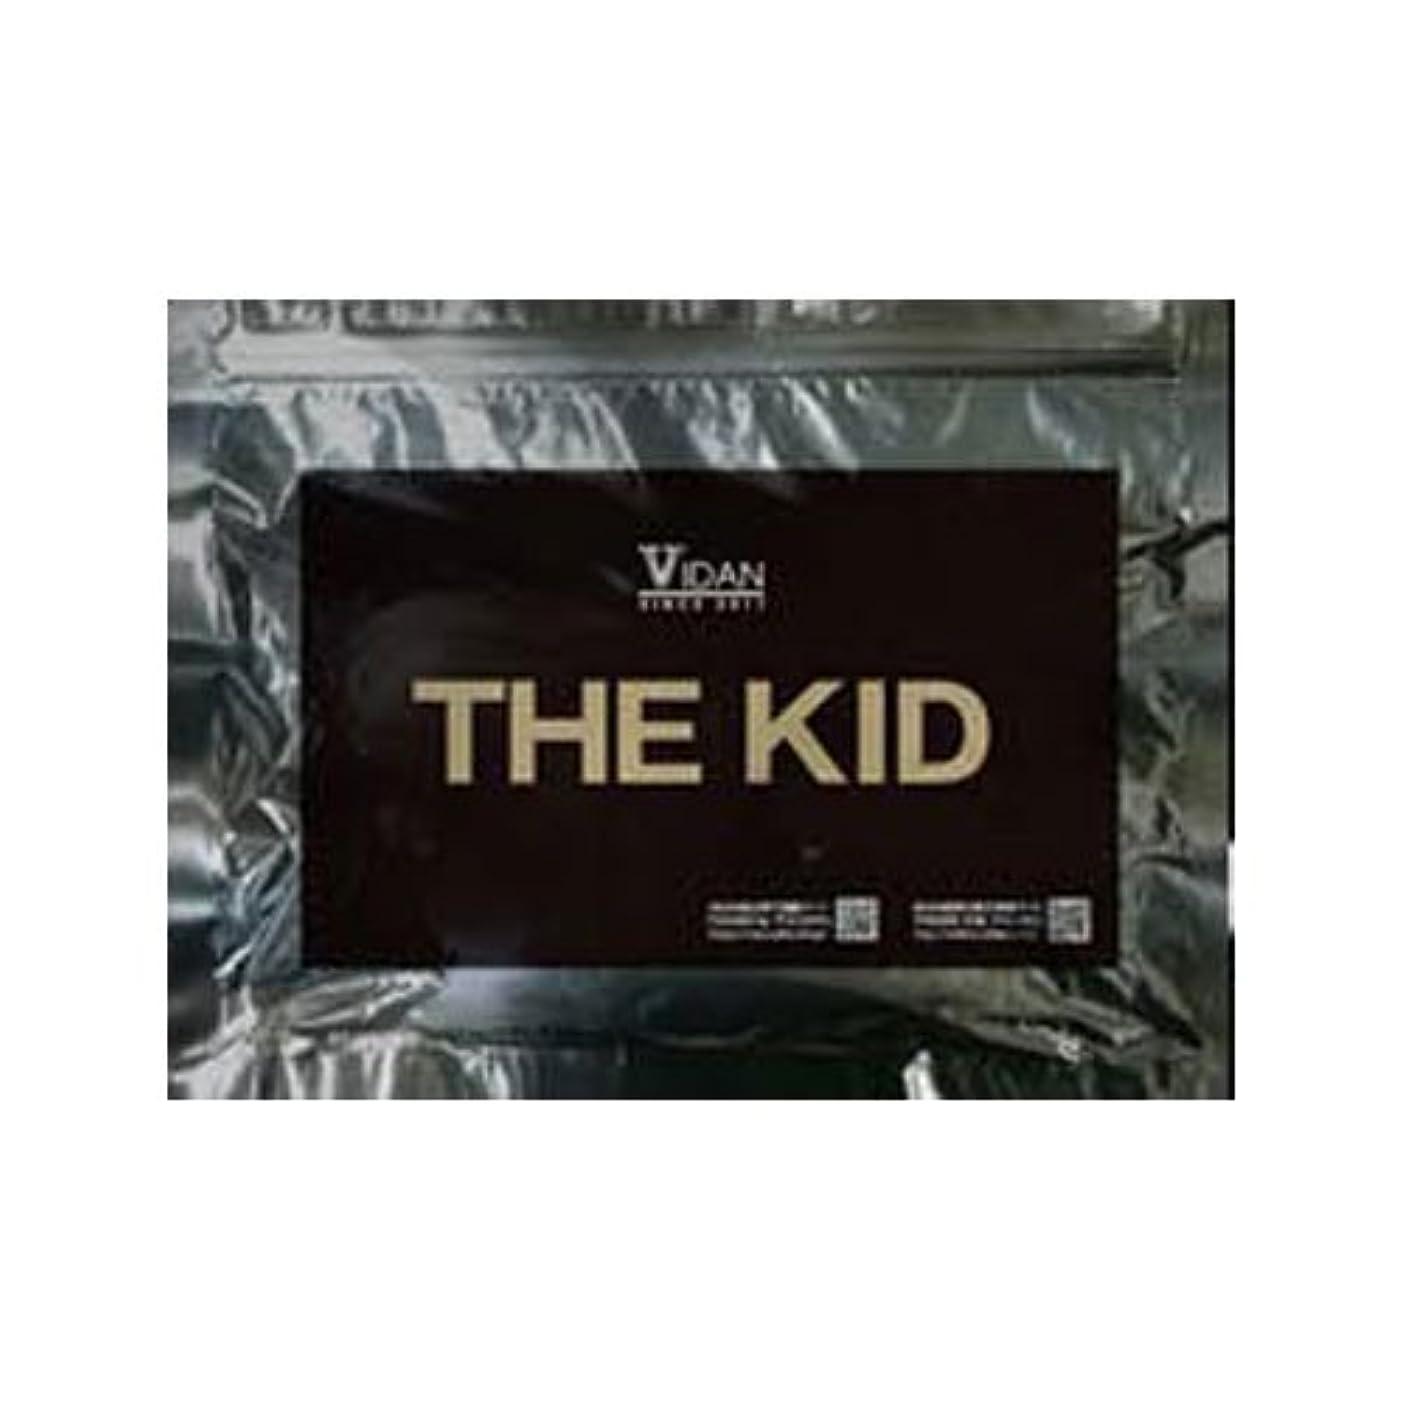 許容できる軽量月曜日:ビダンザキッド VIDAN THE KID 20枚入り